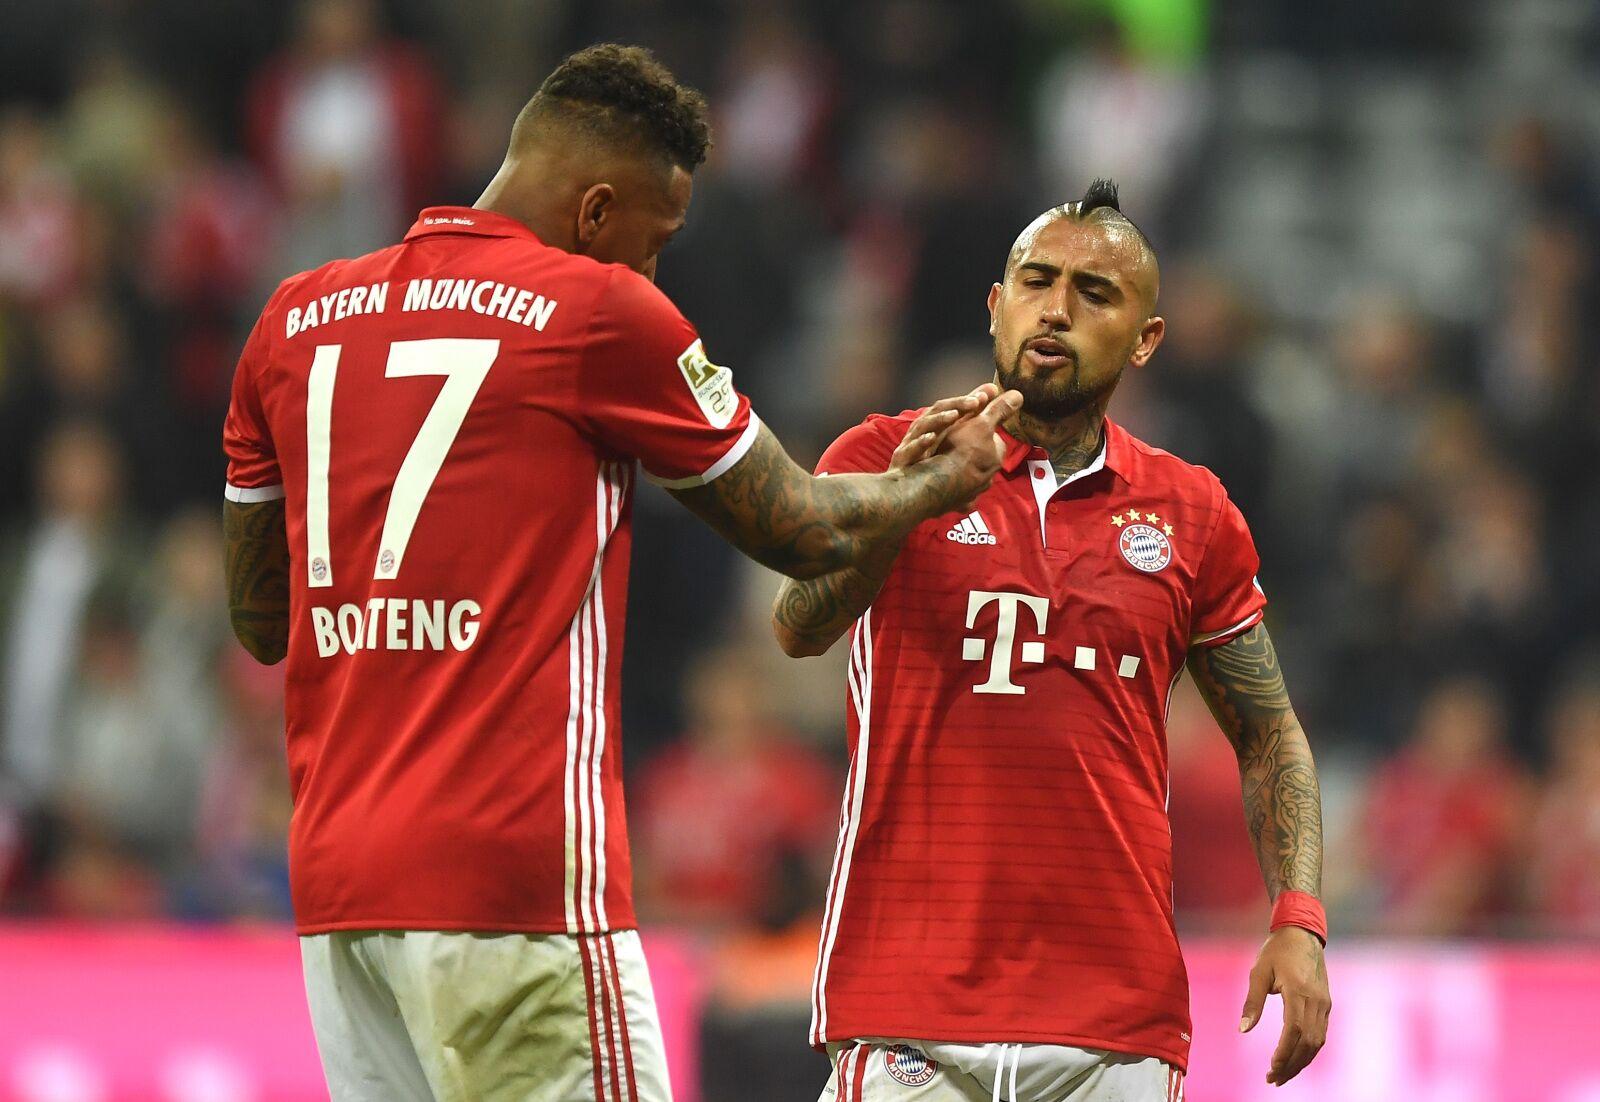 Sporting Bayern